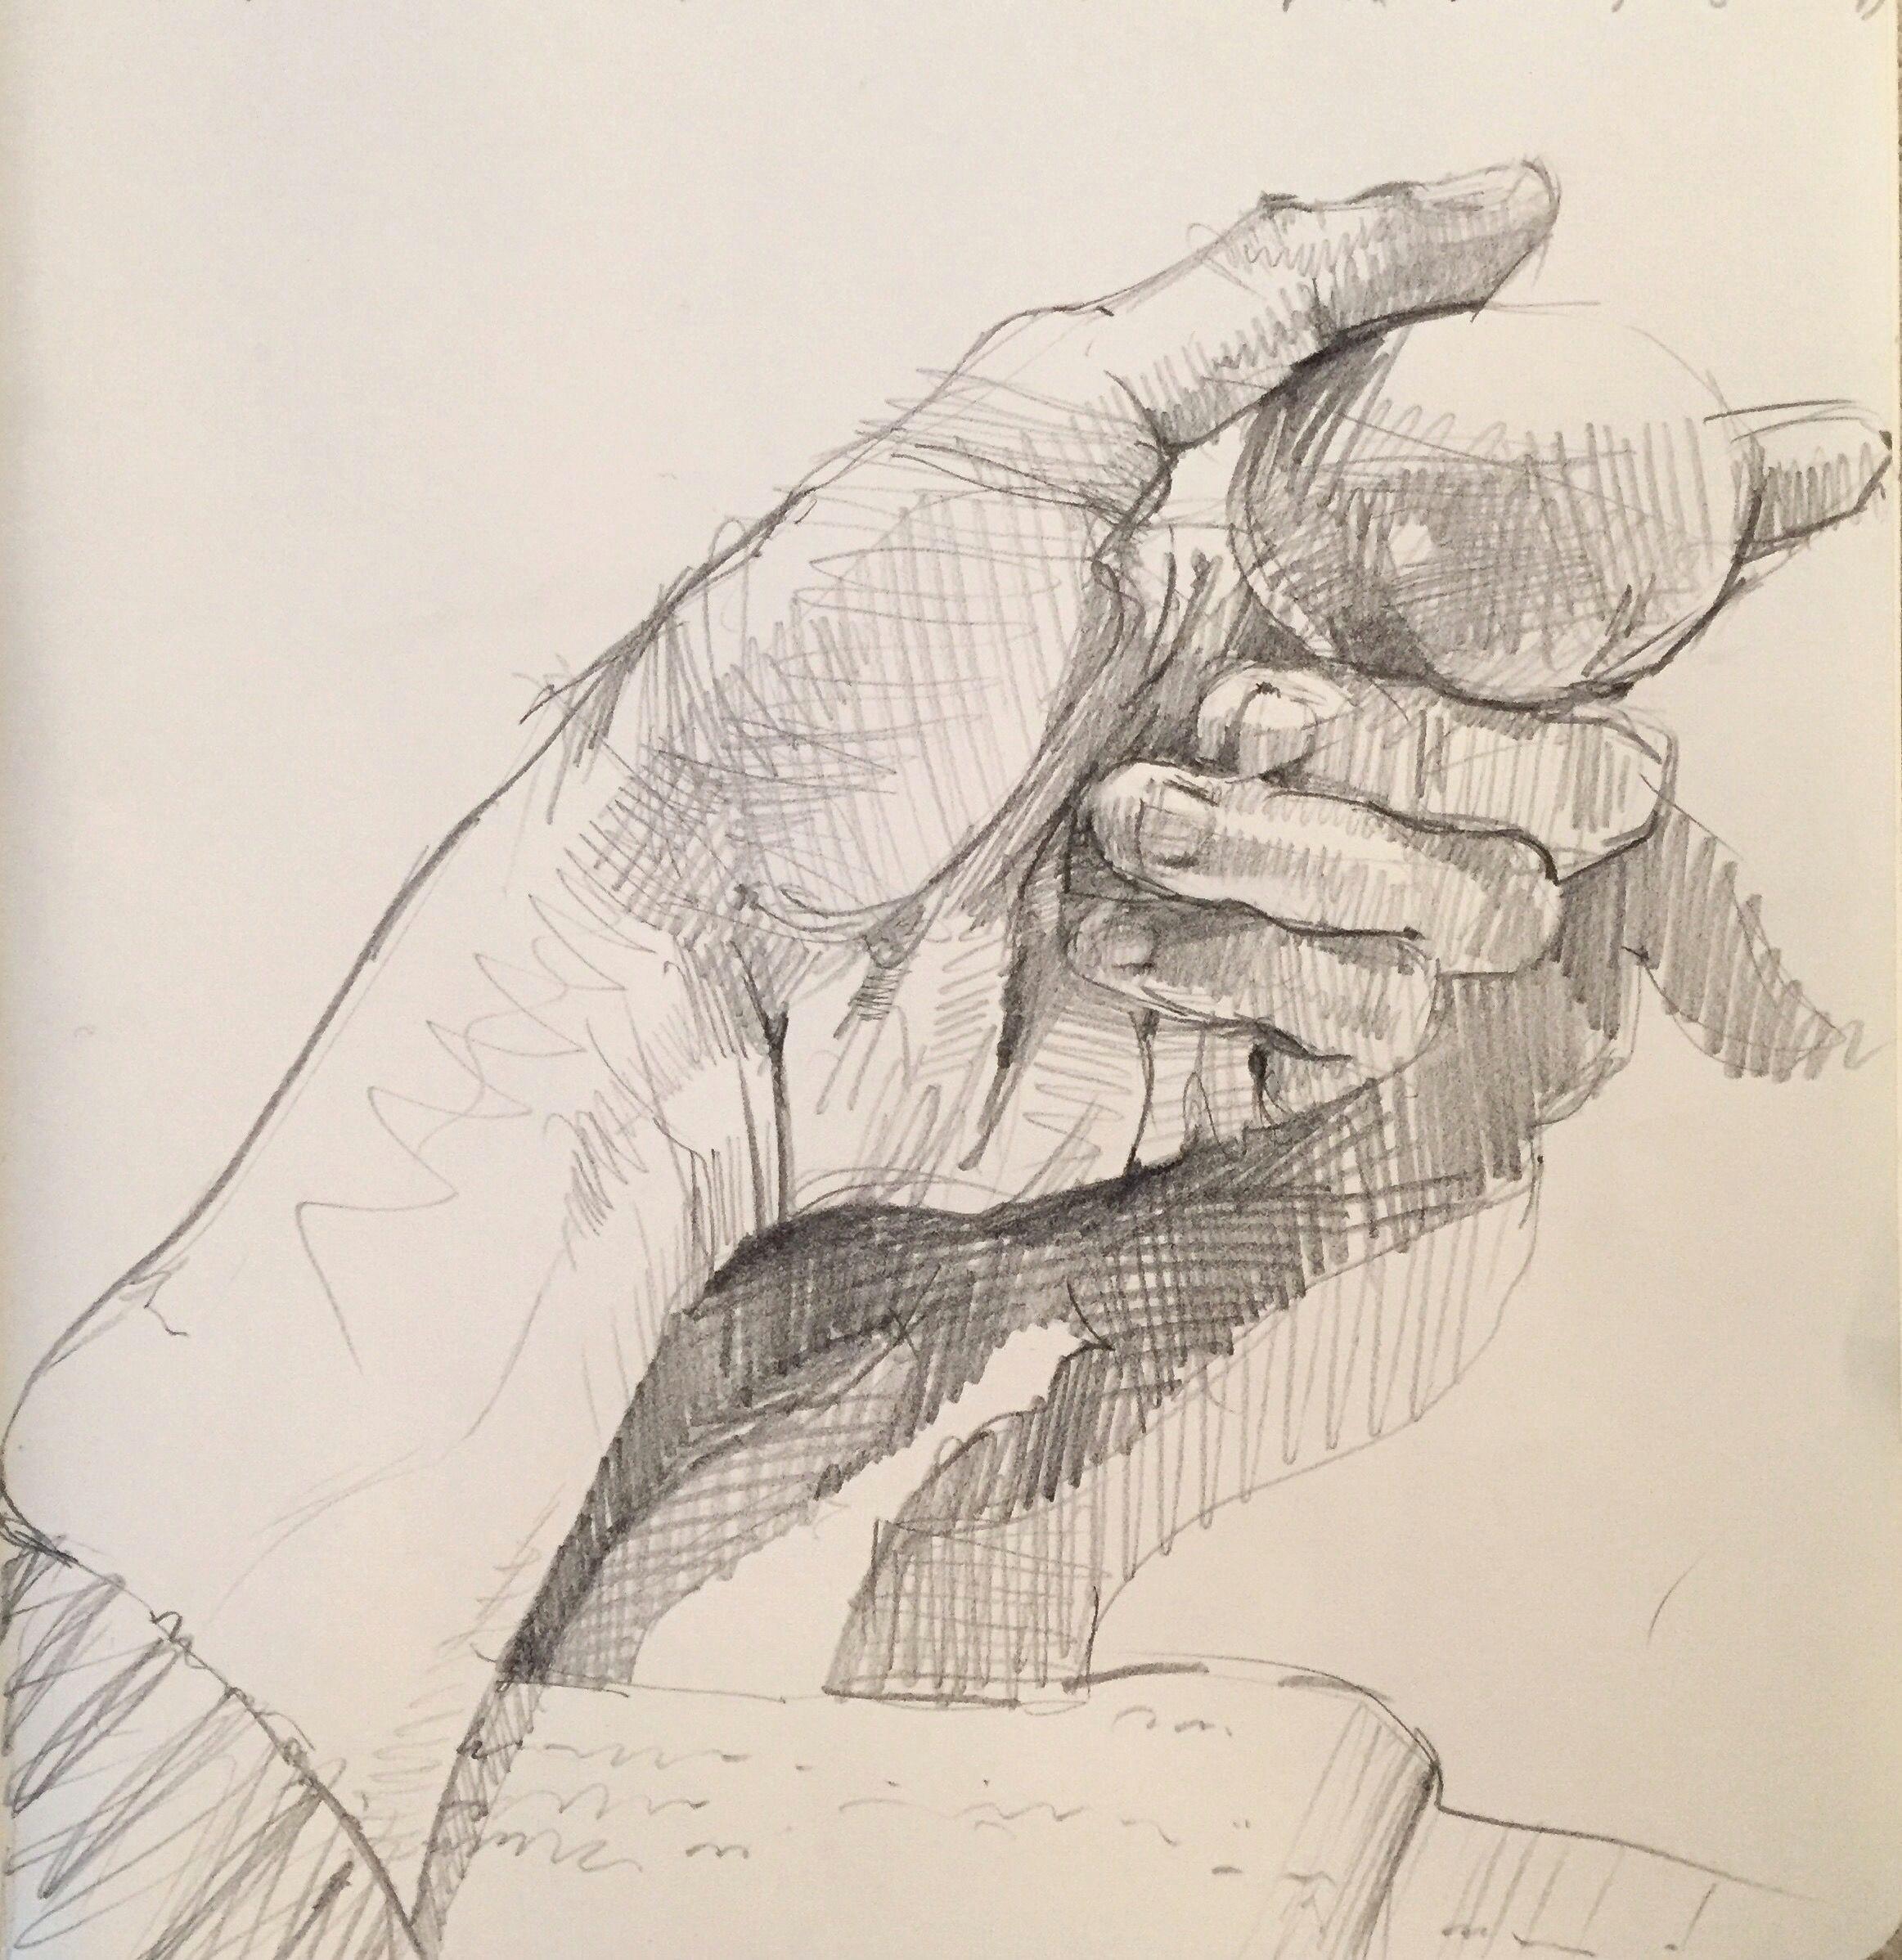 fine art original oil paintings by sedwickstudio drawing handsdrawing practicefigure